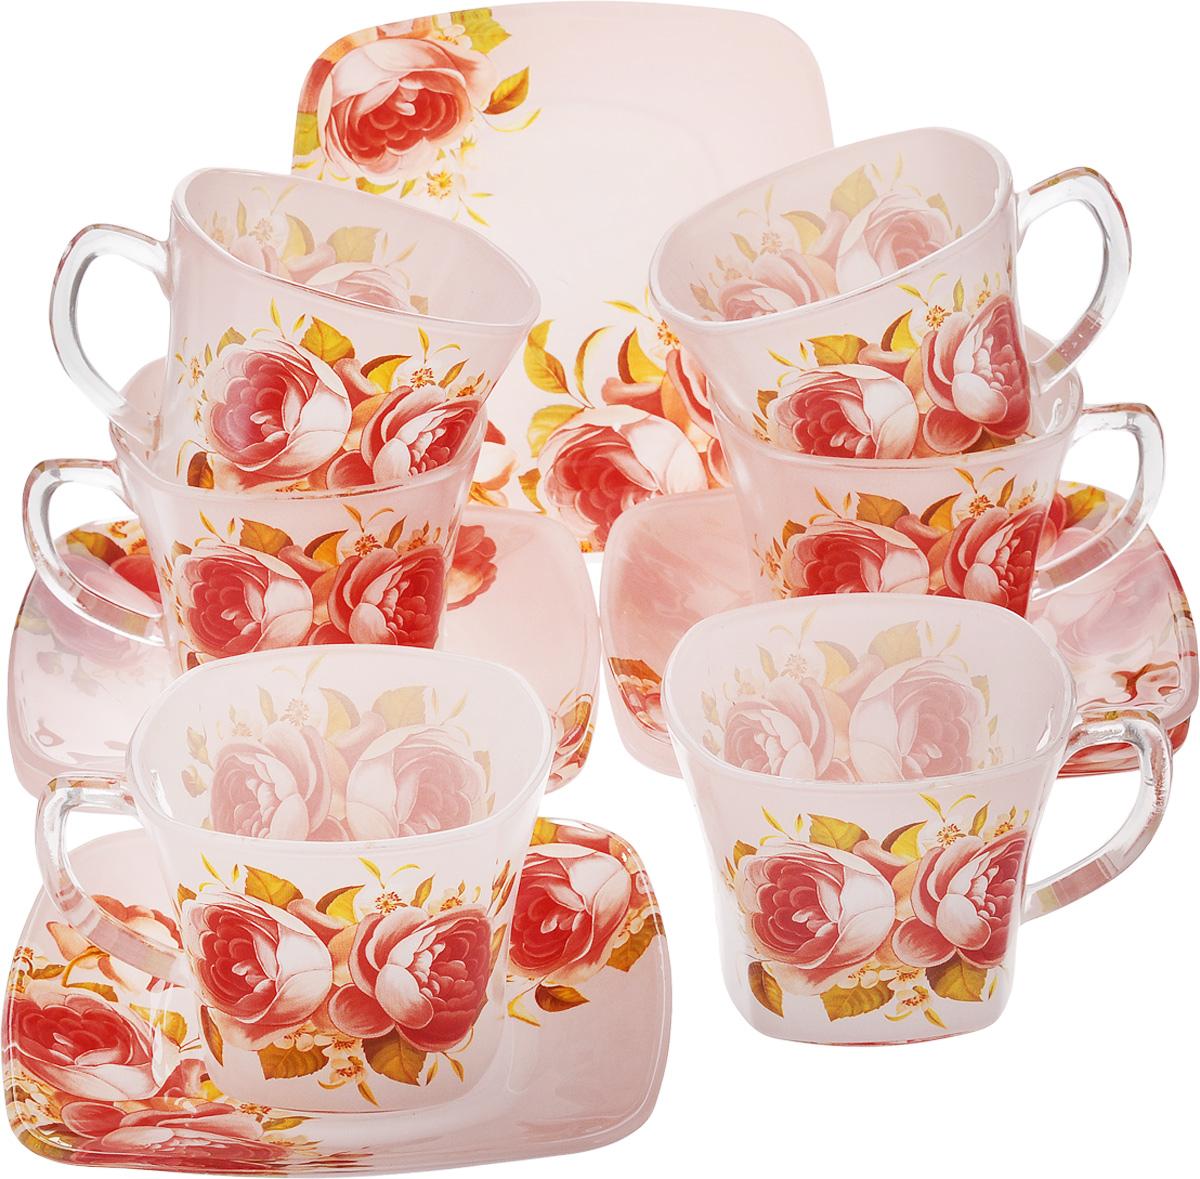 Набор чайный Loraine, 12 предметов. 2412624126Чайный набор Loraine состоит из 6 чашек и 6 блюдец. Изделия, выполненные из высококачественного стекла, имеют элегантный дизайн и классическую форму.Такой набор прекрасно подойдет как для повседневного использования, так и для праздников. Чайный набор Loraine - это не только яркий и полезный подарок для родных и близких, но и великолепное решение для вашей кухни или столовой. Объем чашки: 200 мл. Размер чашки (по верхнему краю): 8 см. Высота чашки: 7 см.Размер блюдца (по верхнему краю): 13,5 х 13,5 см.Высота блюдца: 2 см.